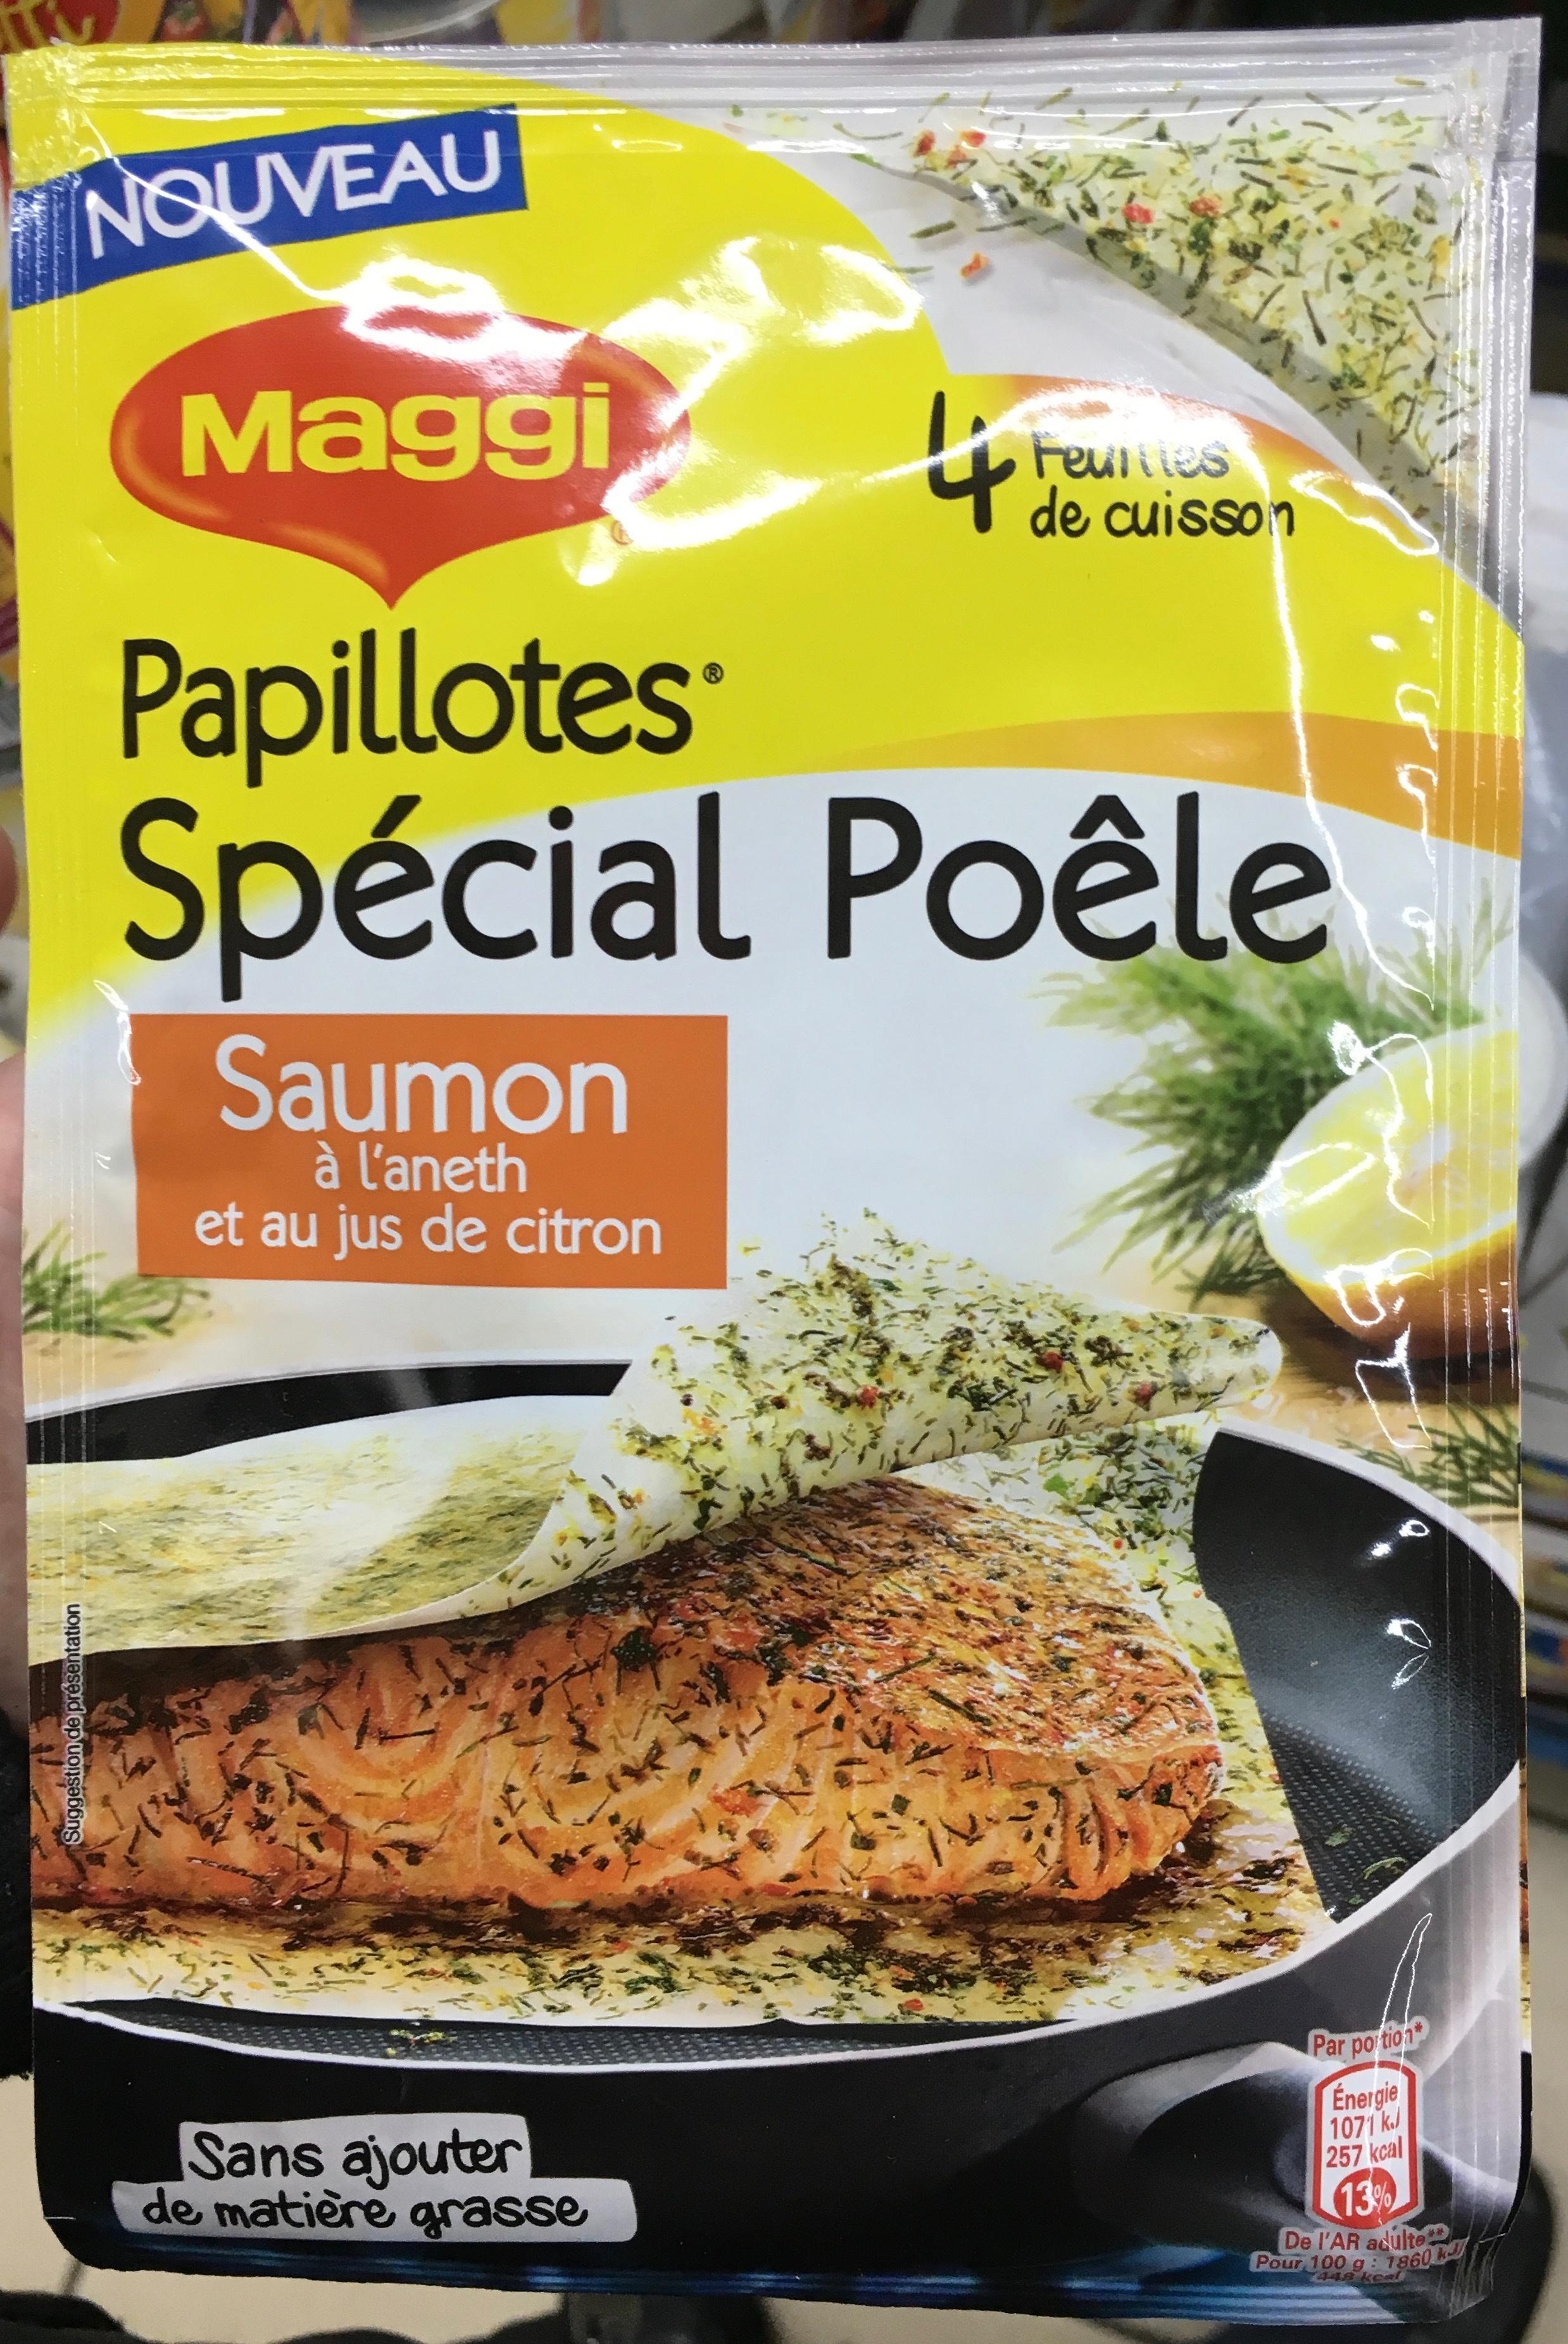 Papillottes Spécial Poêle Saumon à l'aneth et au jus de citron - Produit - fr